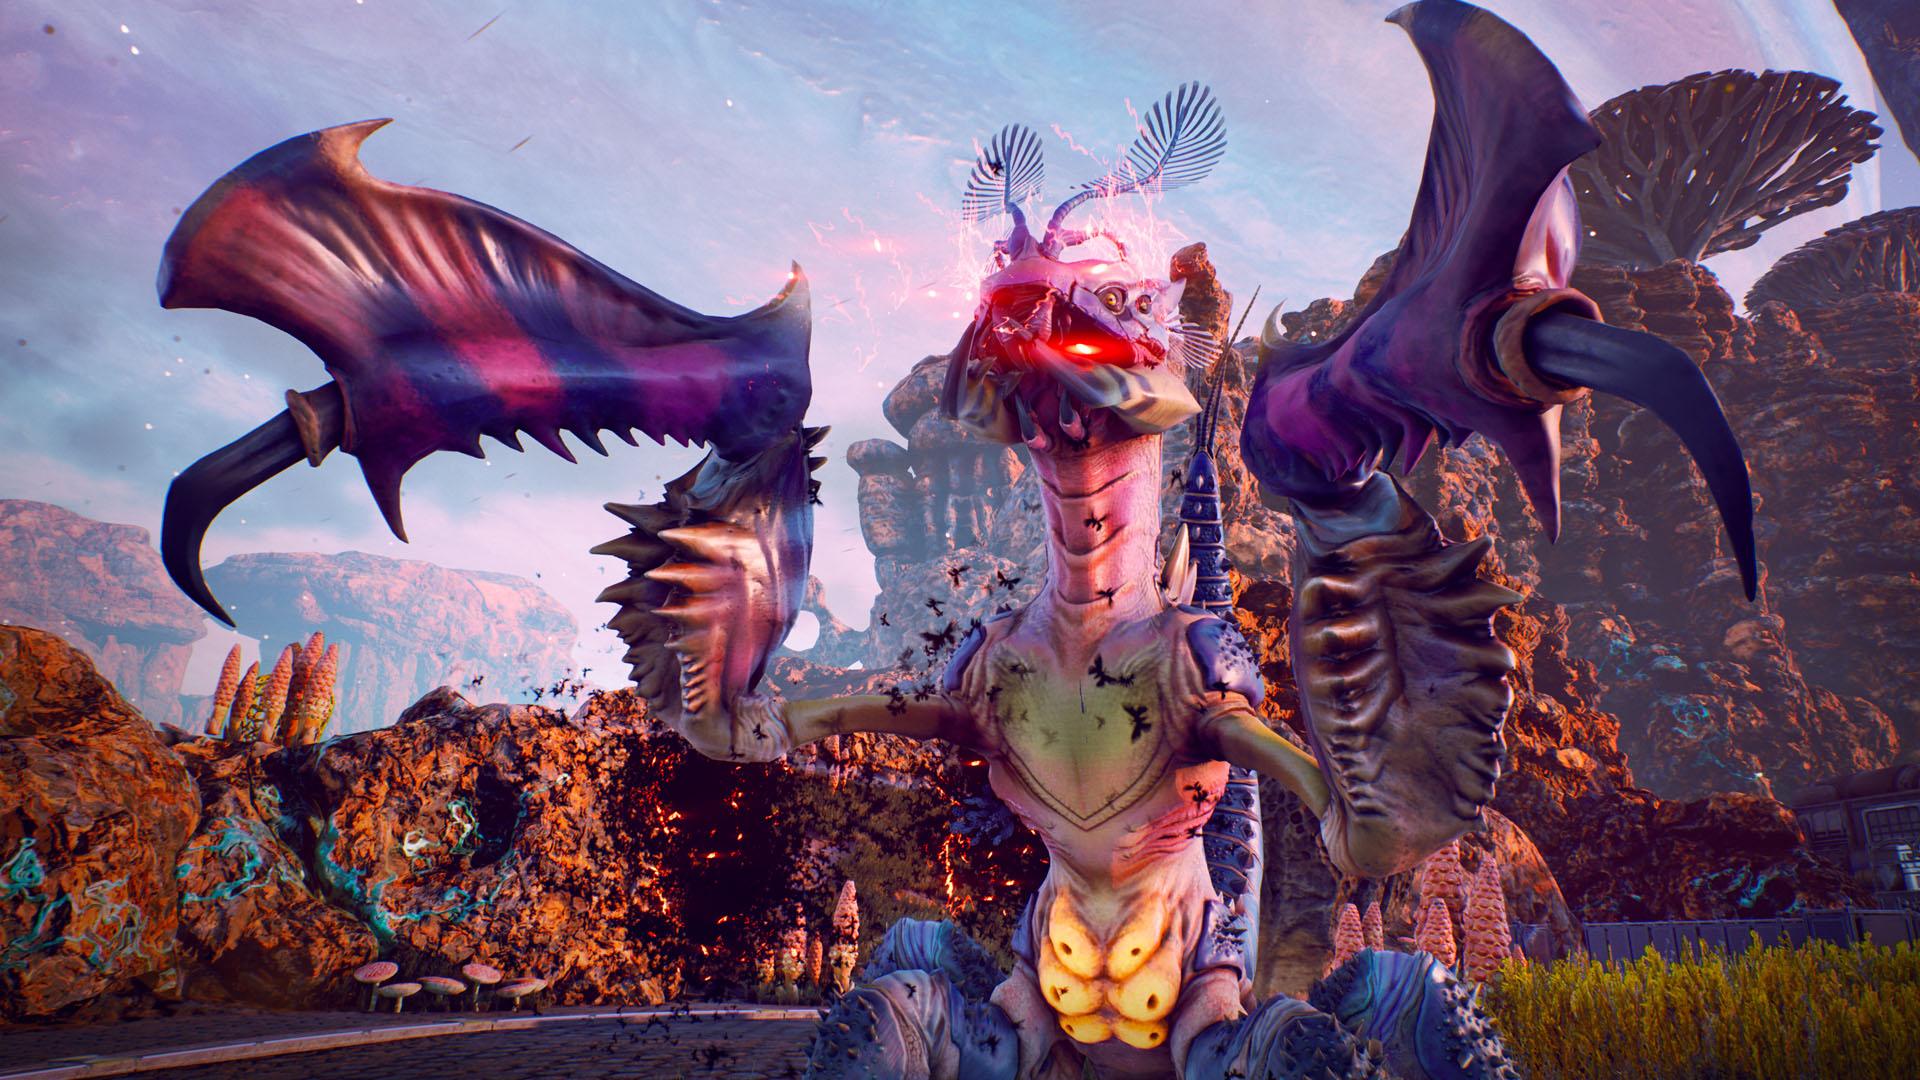 Here's a new batch of Outer Worlds screenshots screenshot